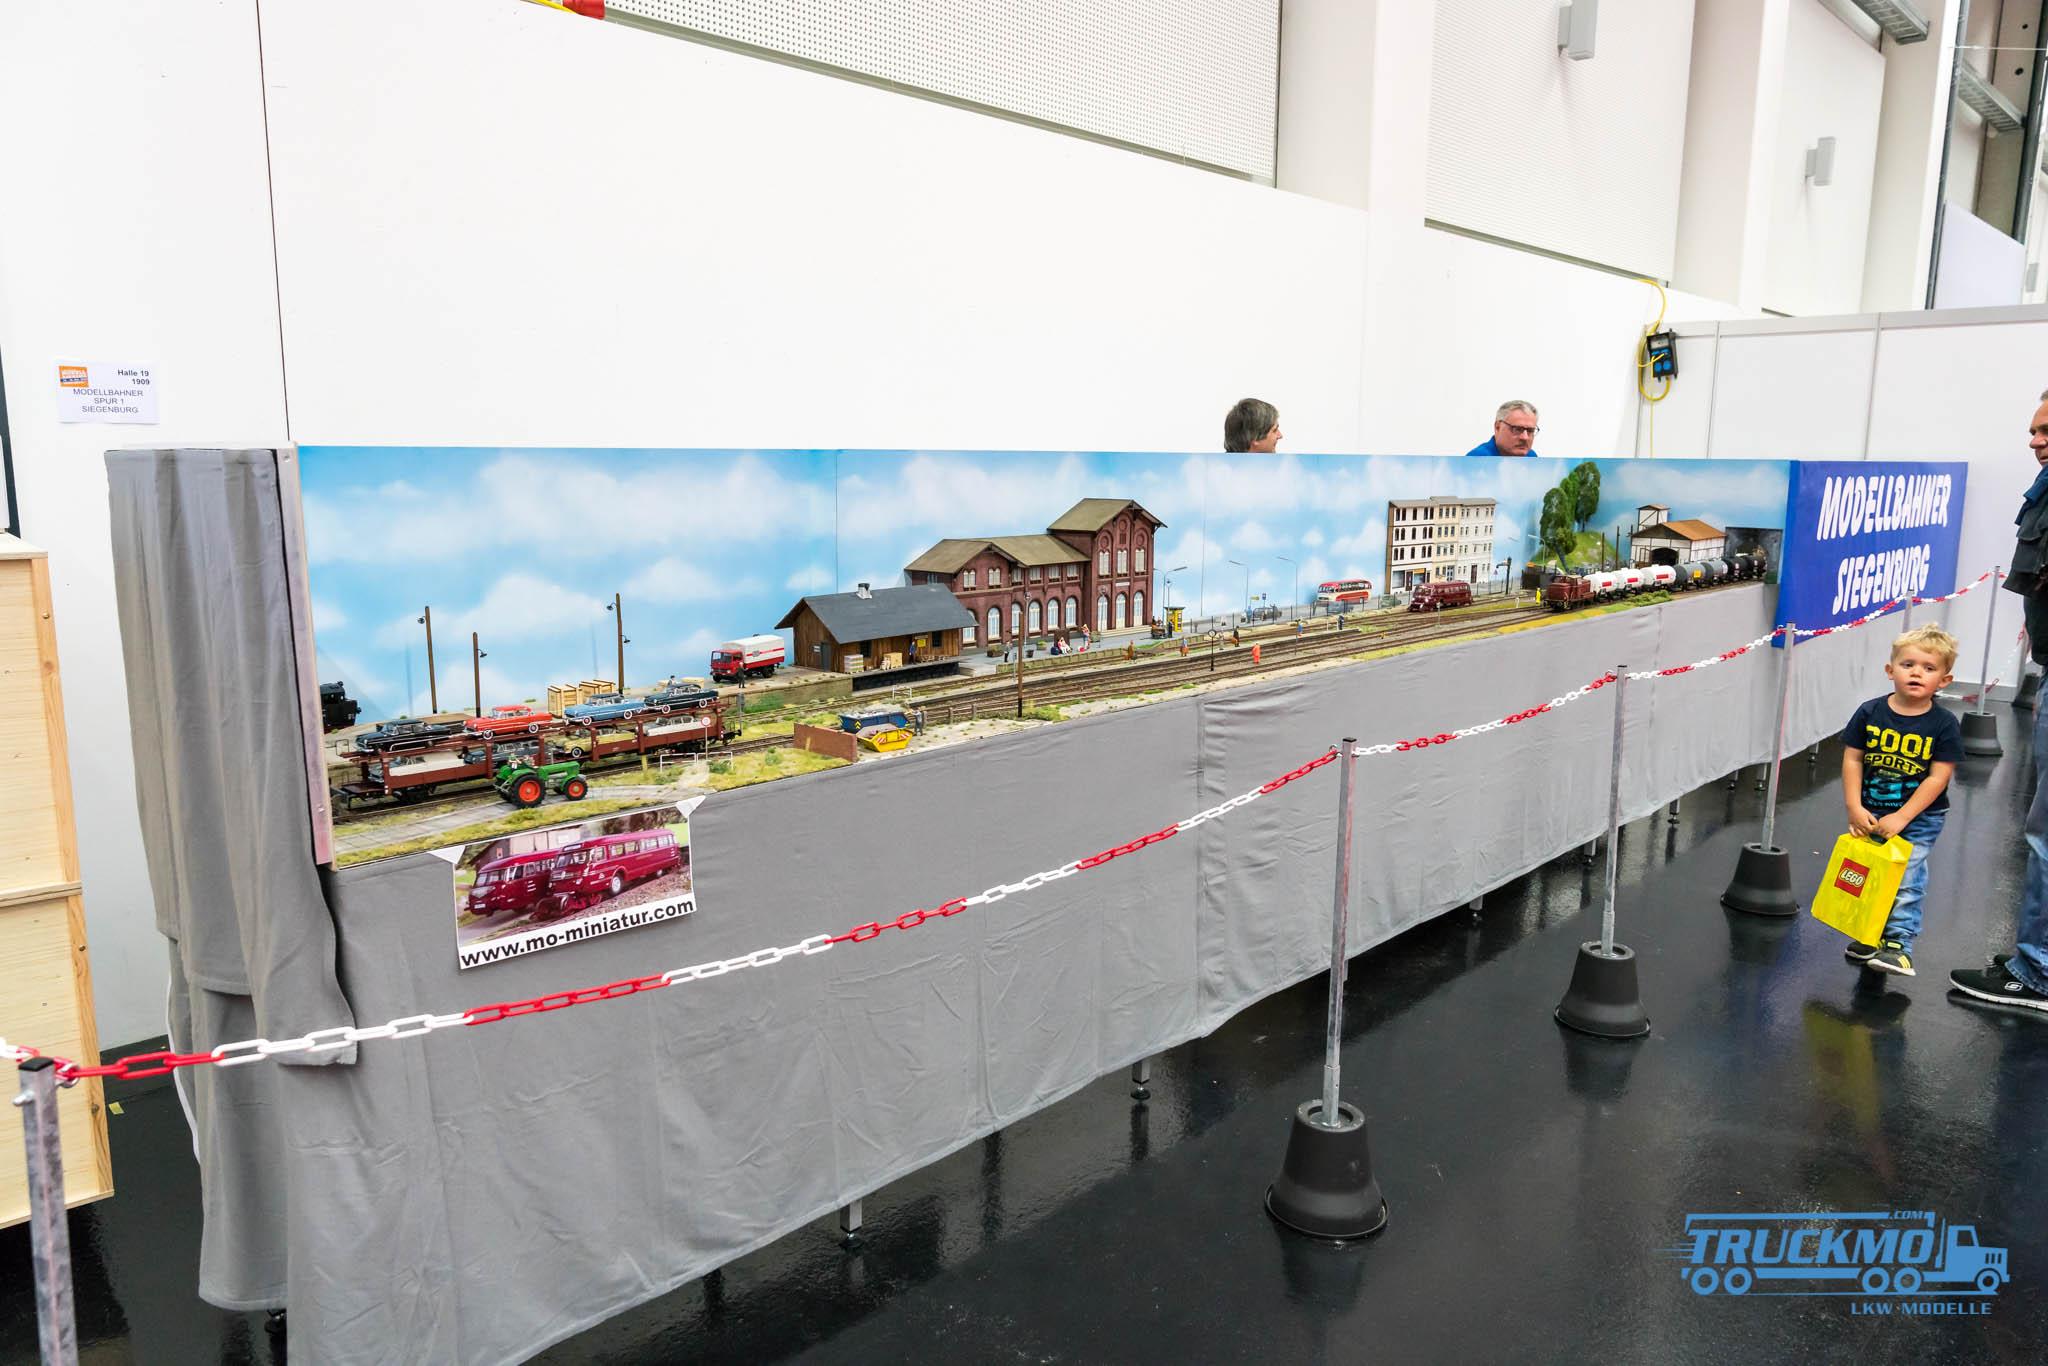 Truckmo_Modellbau_Ried_2017_Herpa_Messe_Modellbauausstellung (101 von 1177)